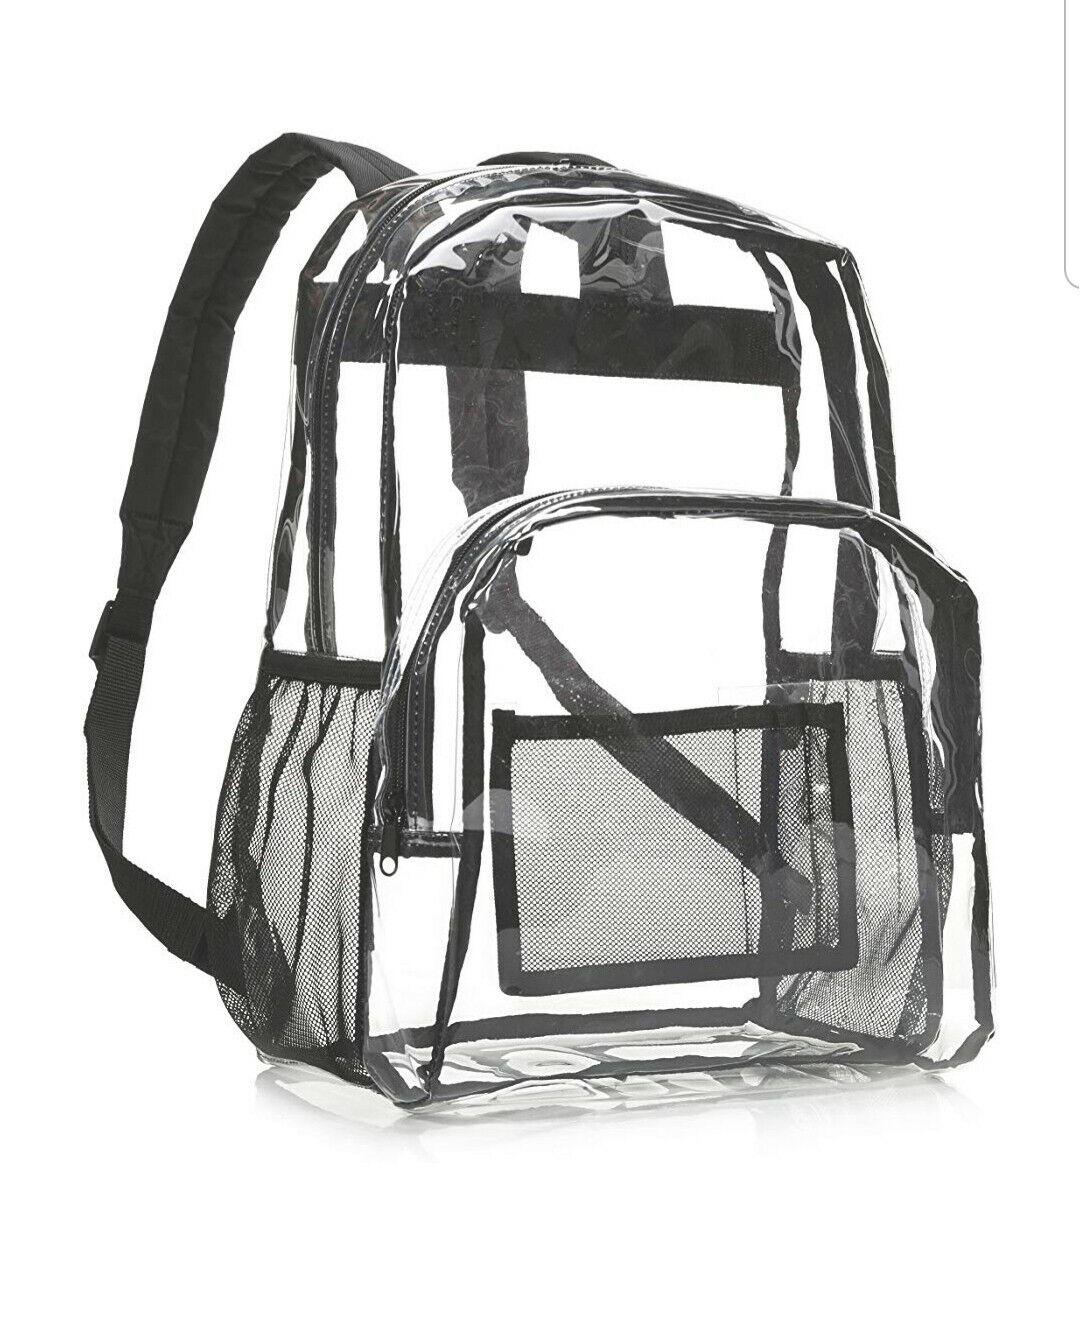 new magicbag clear bagpack